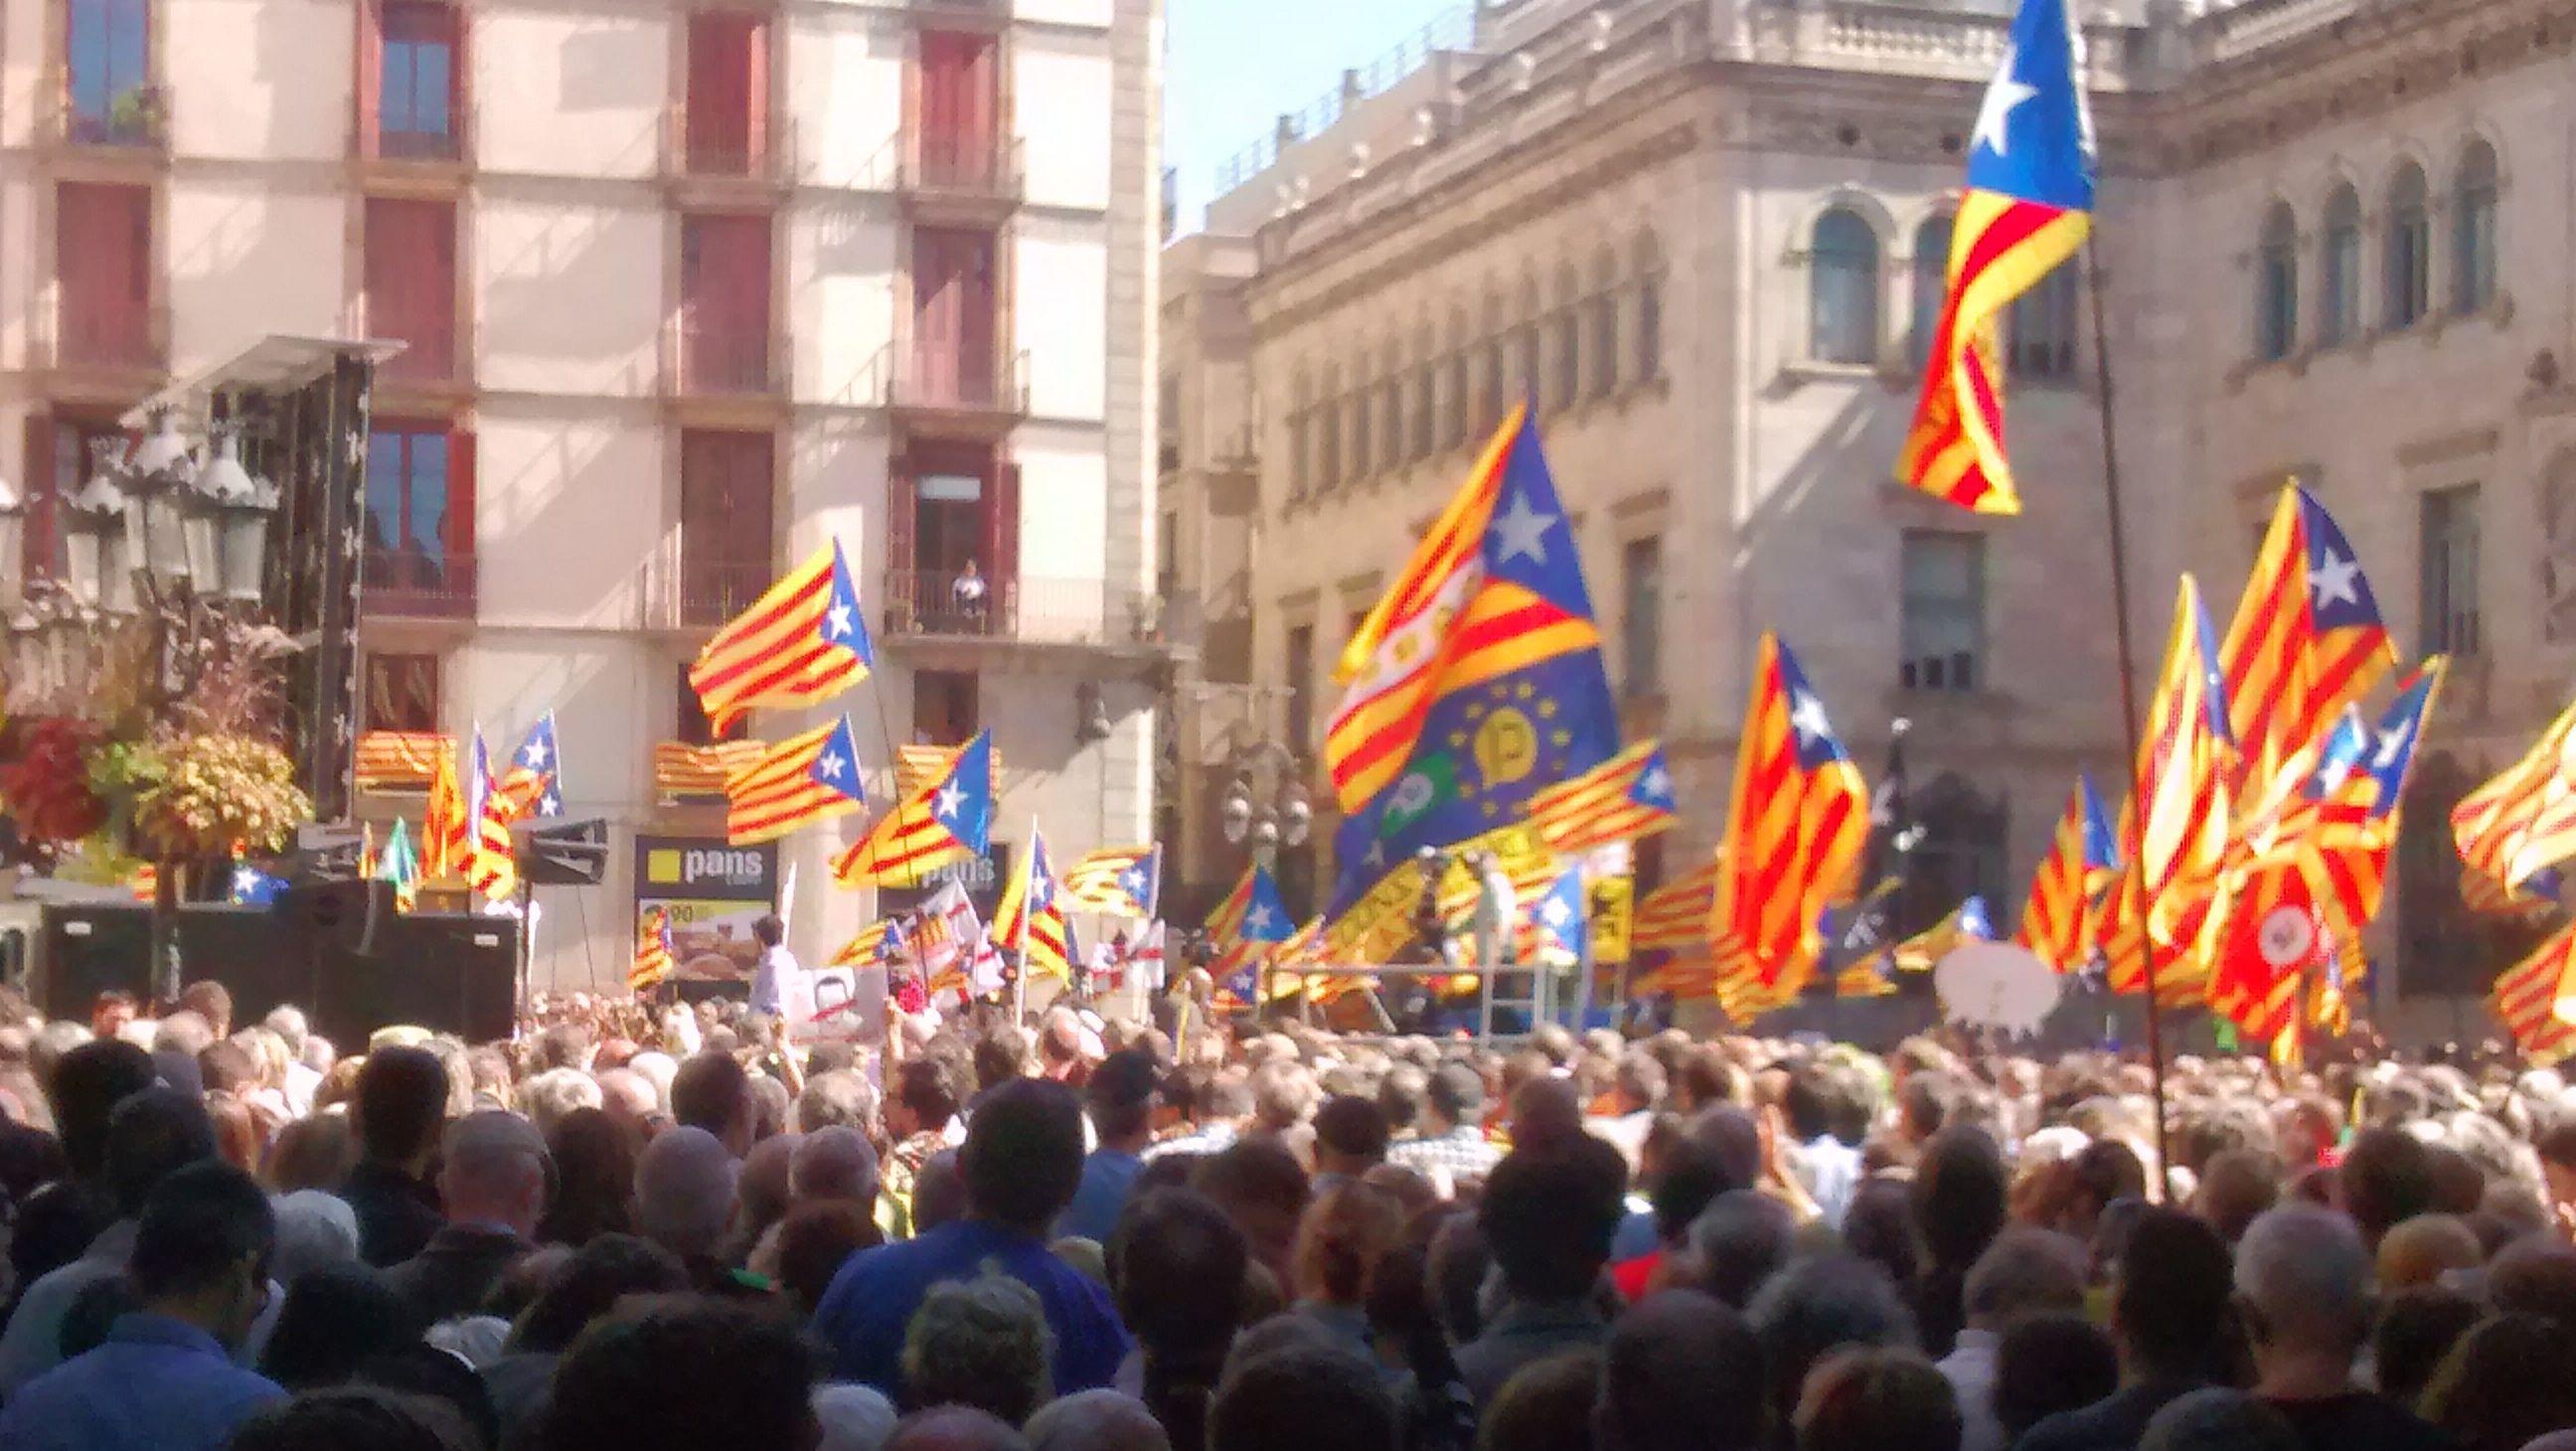 Барселона, 16 сентября 2017 года. Манифестация в поддержку независимости Каталонии